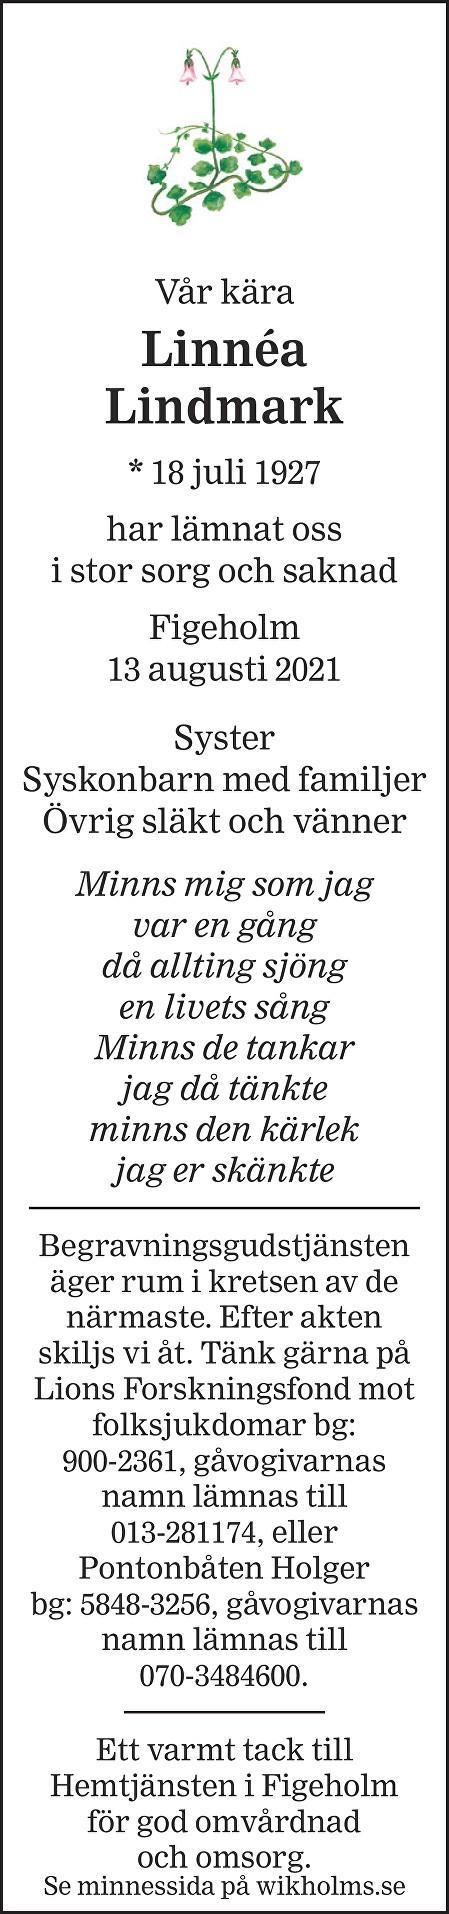 Linnéa Lindmark Death notice